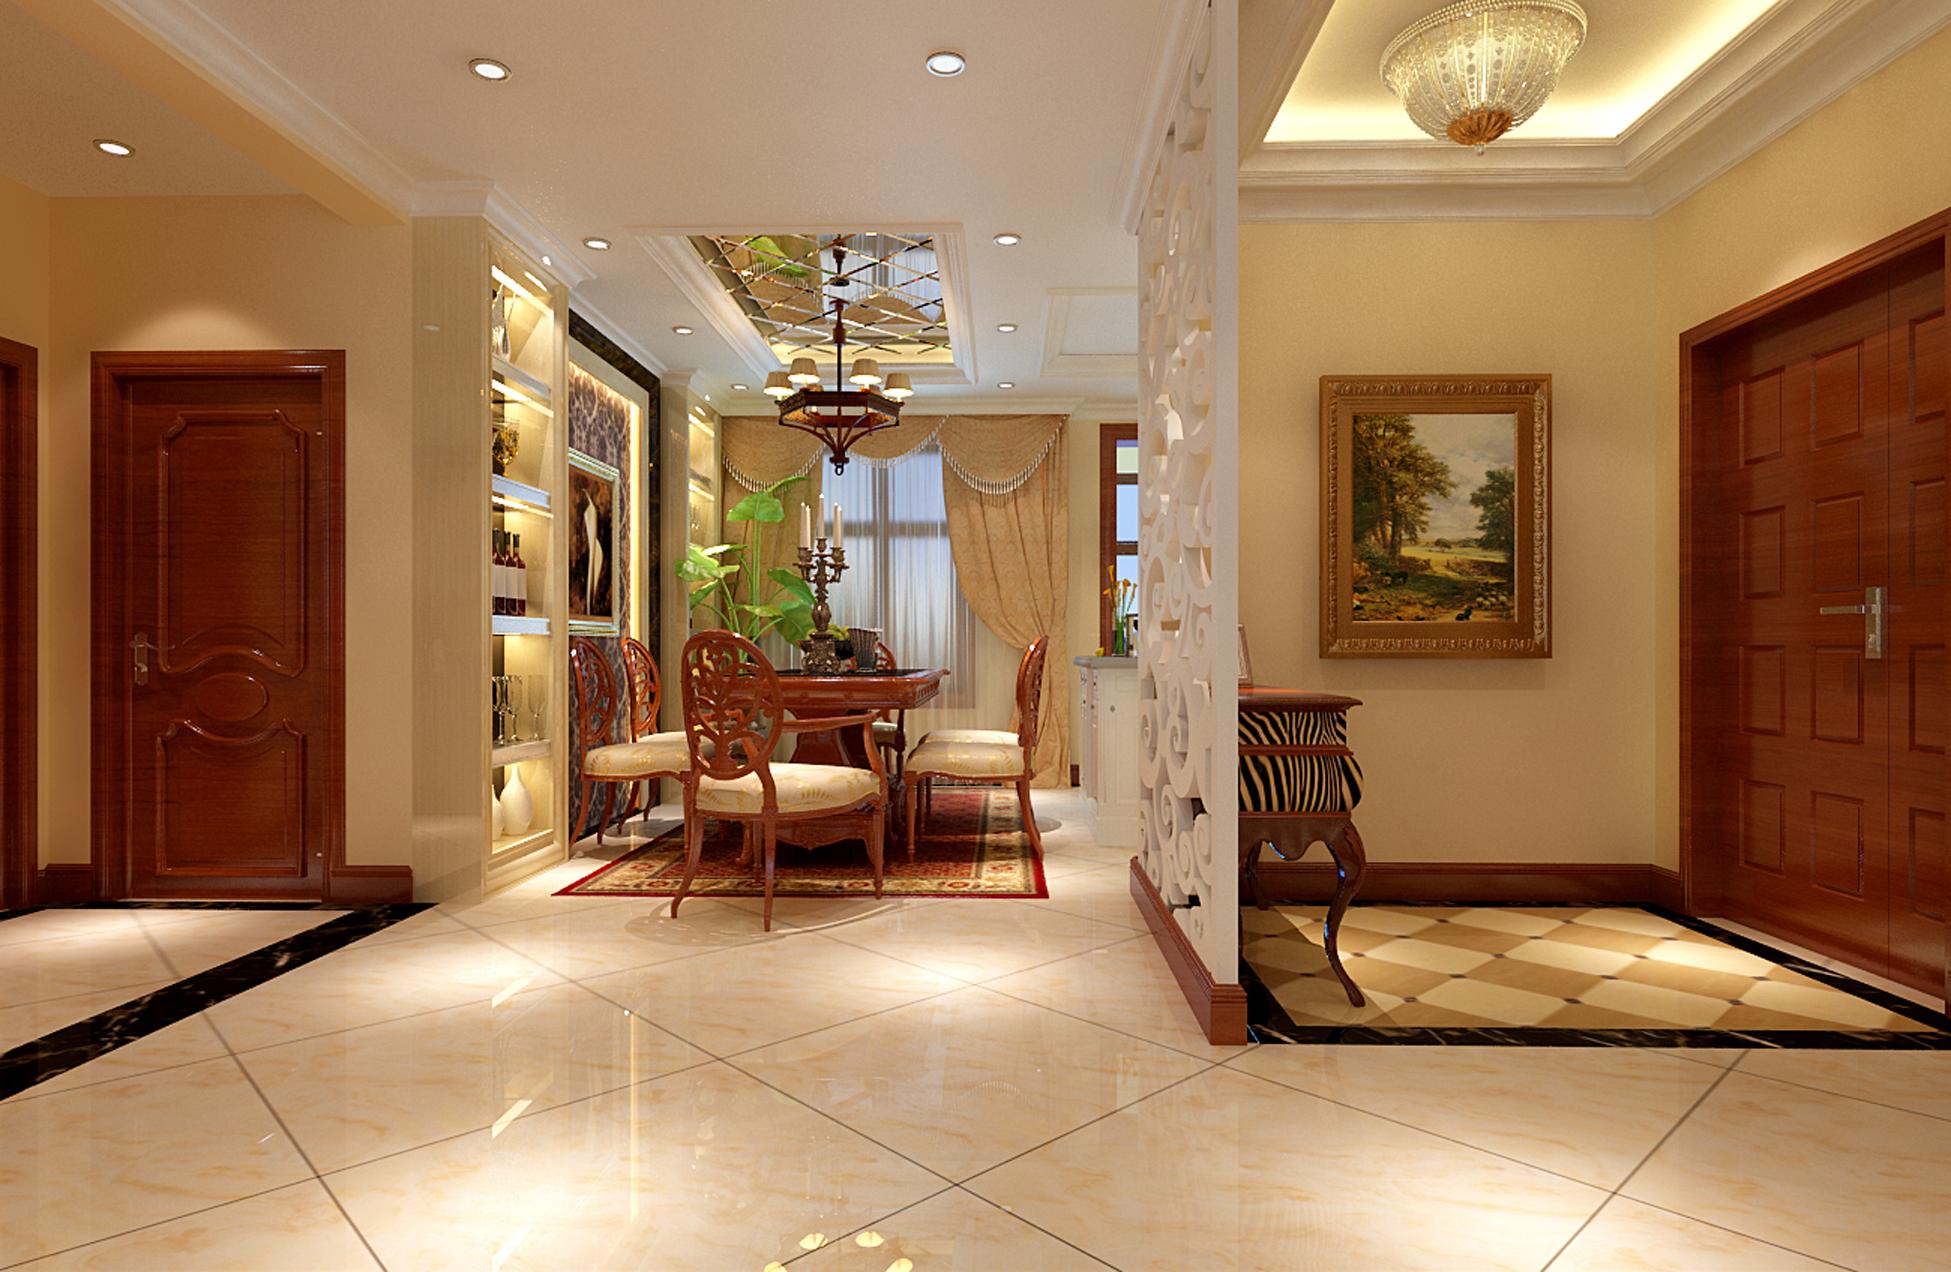 百泉家园140平米现代欧式客厅装修效果图